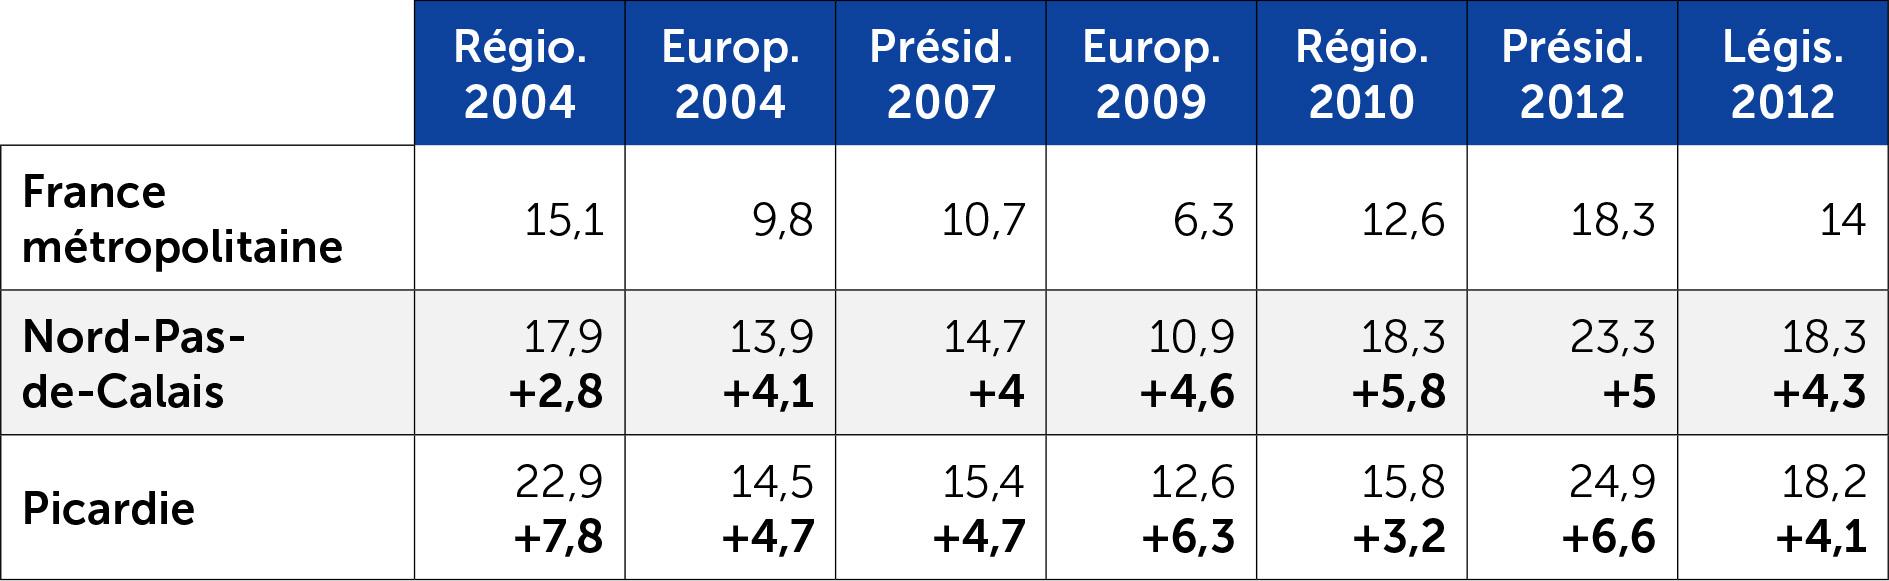 Score du FN en Nord-Pas-de-Calais et Picardie selon le type de scrutin